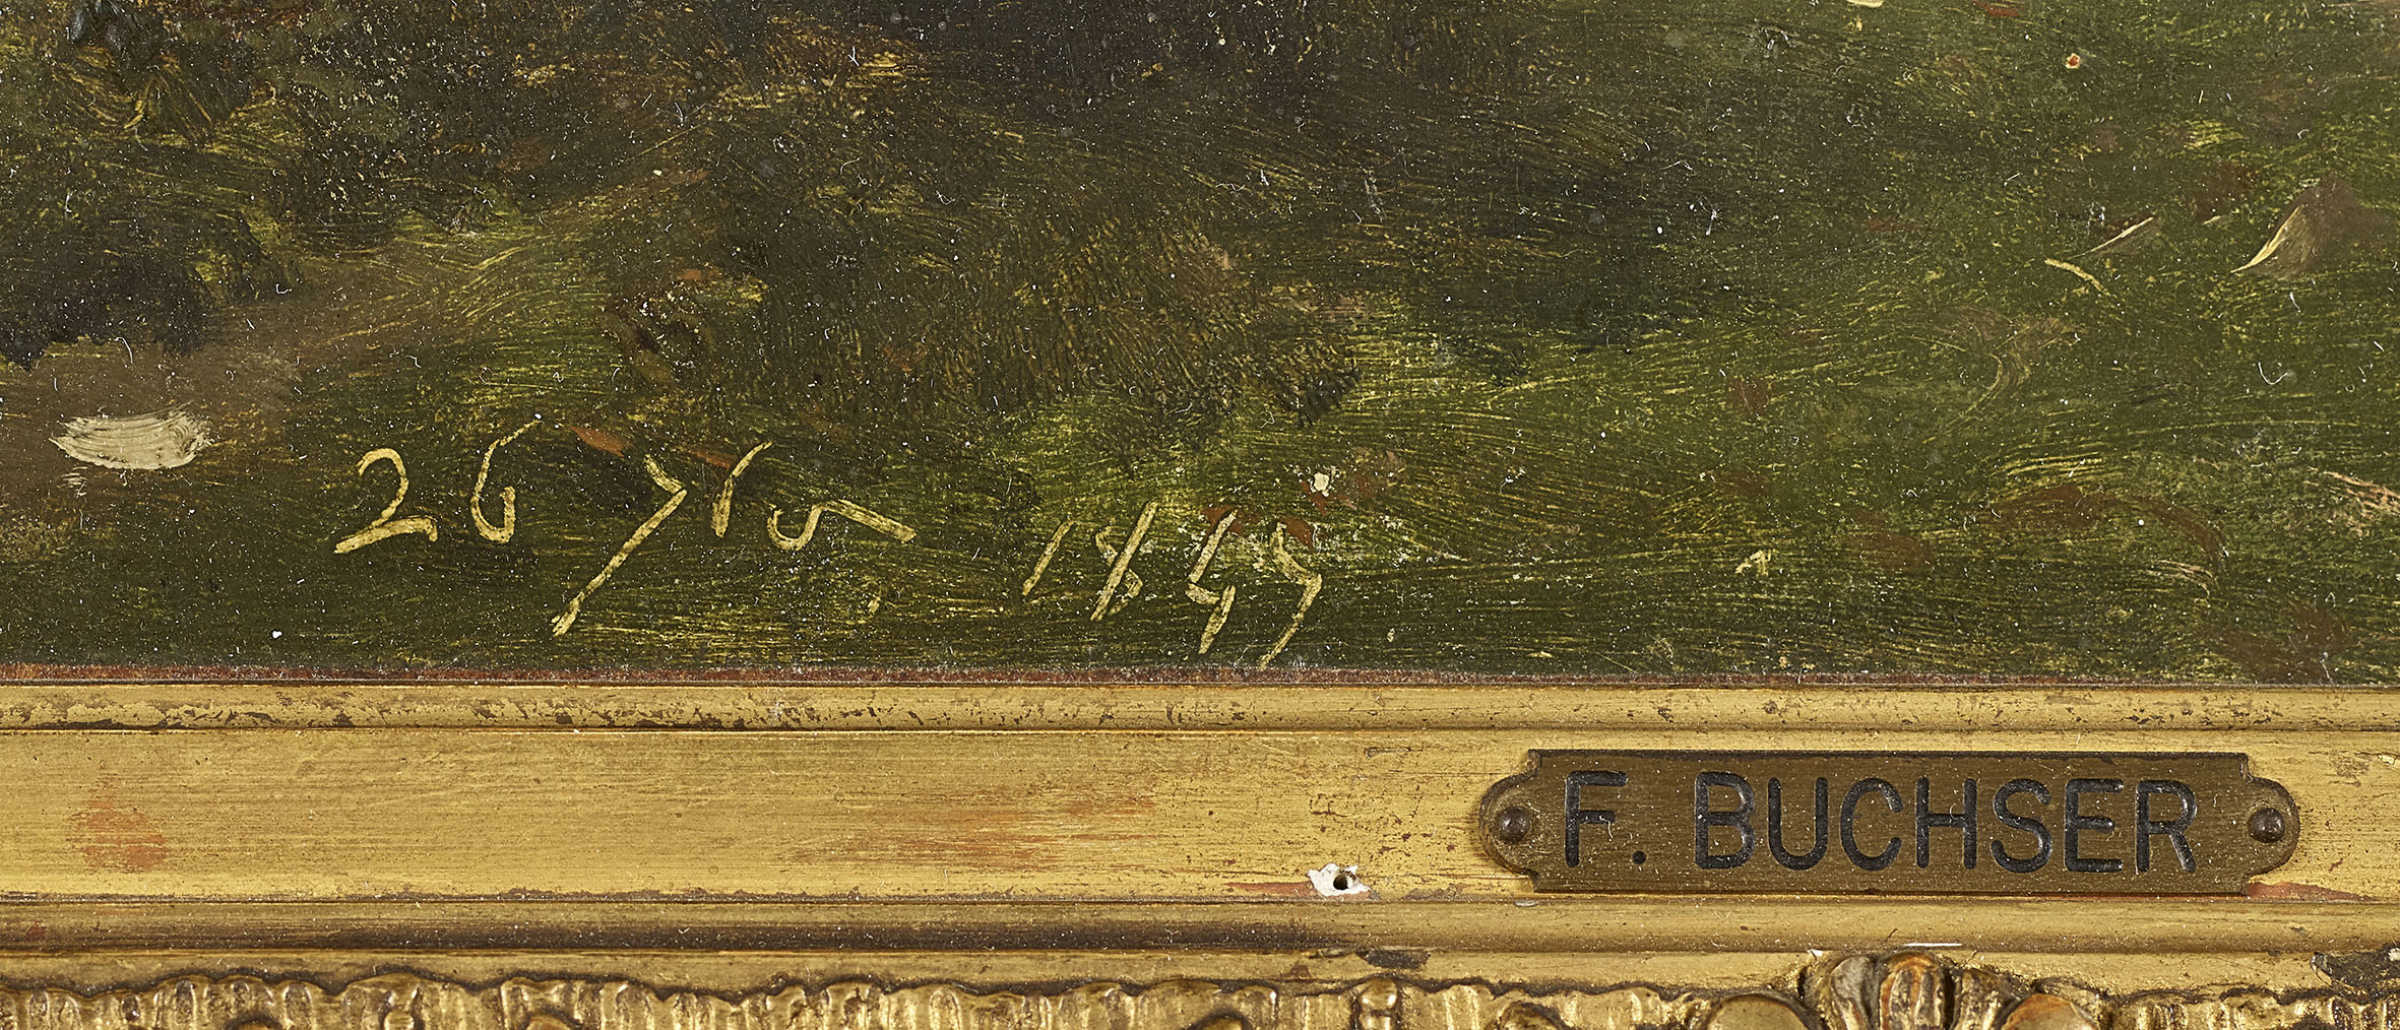 """Lot 29 - BUCHSER, FRANK1828 Feldbrunnen 1890UmkreisWaldlandschaft.Öl auf Papier, auf Leinwand,dat. """"26"""